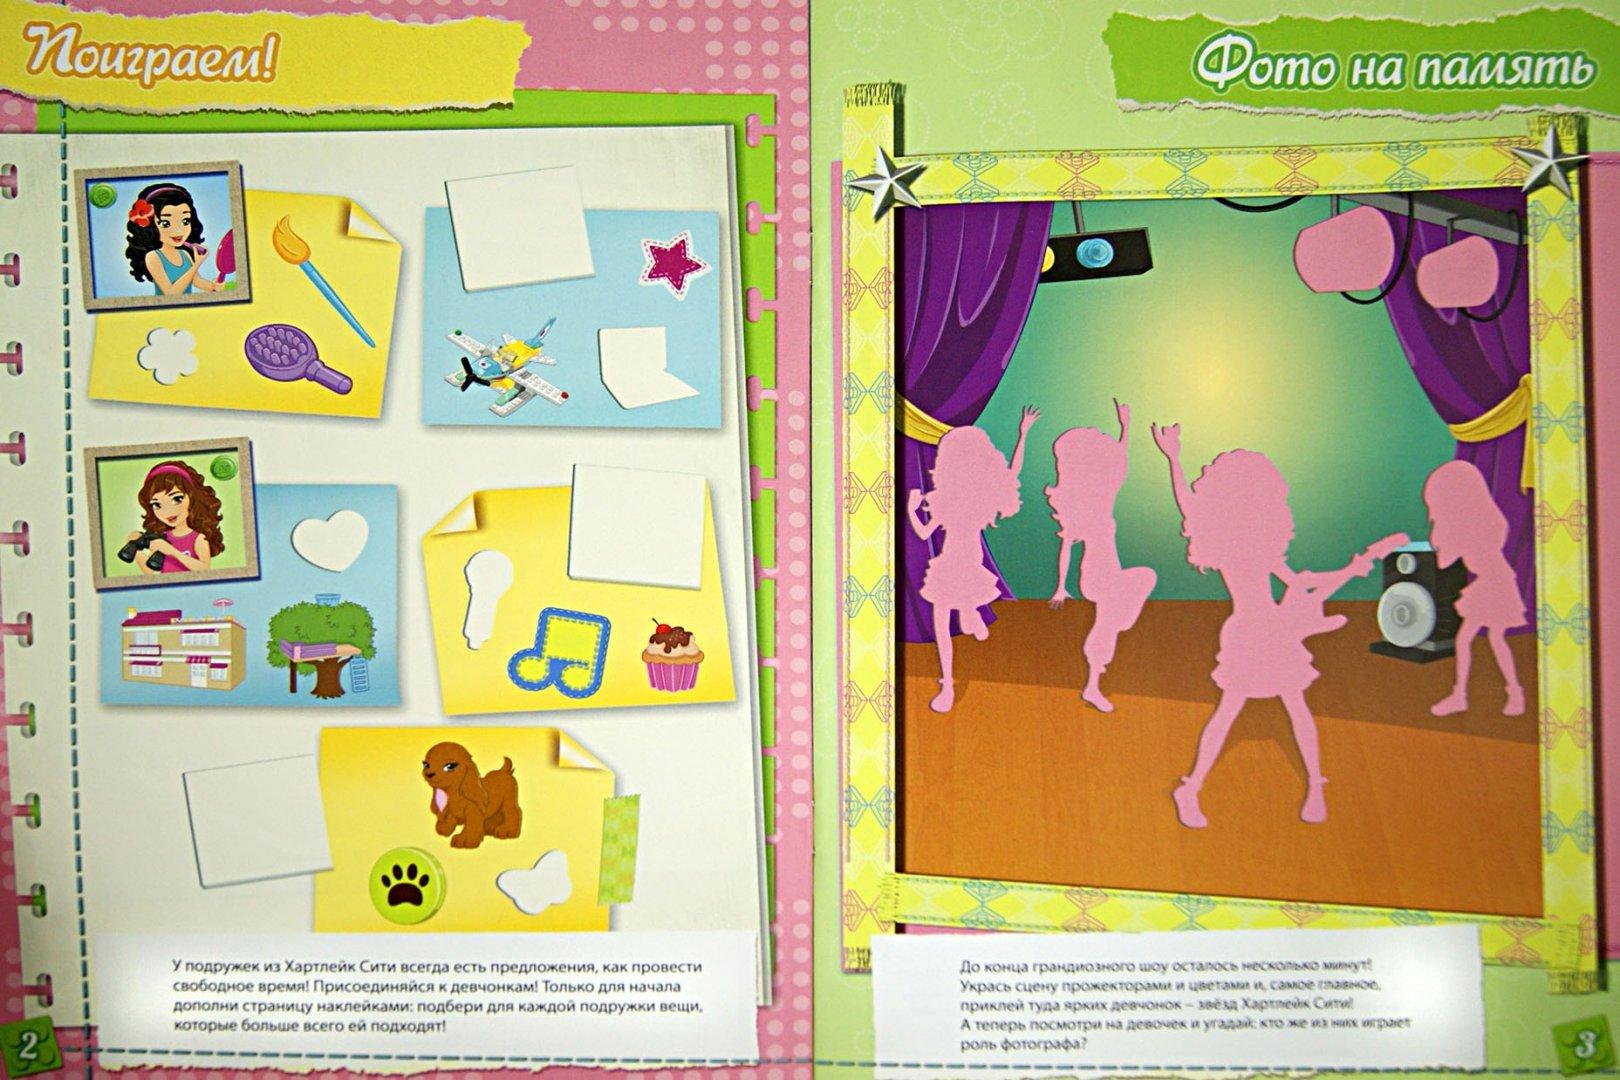 Иллюстрация 1 из 2 для Книга развлечений для подружек | Лабиринт - книги. Источник: Лабиринт